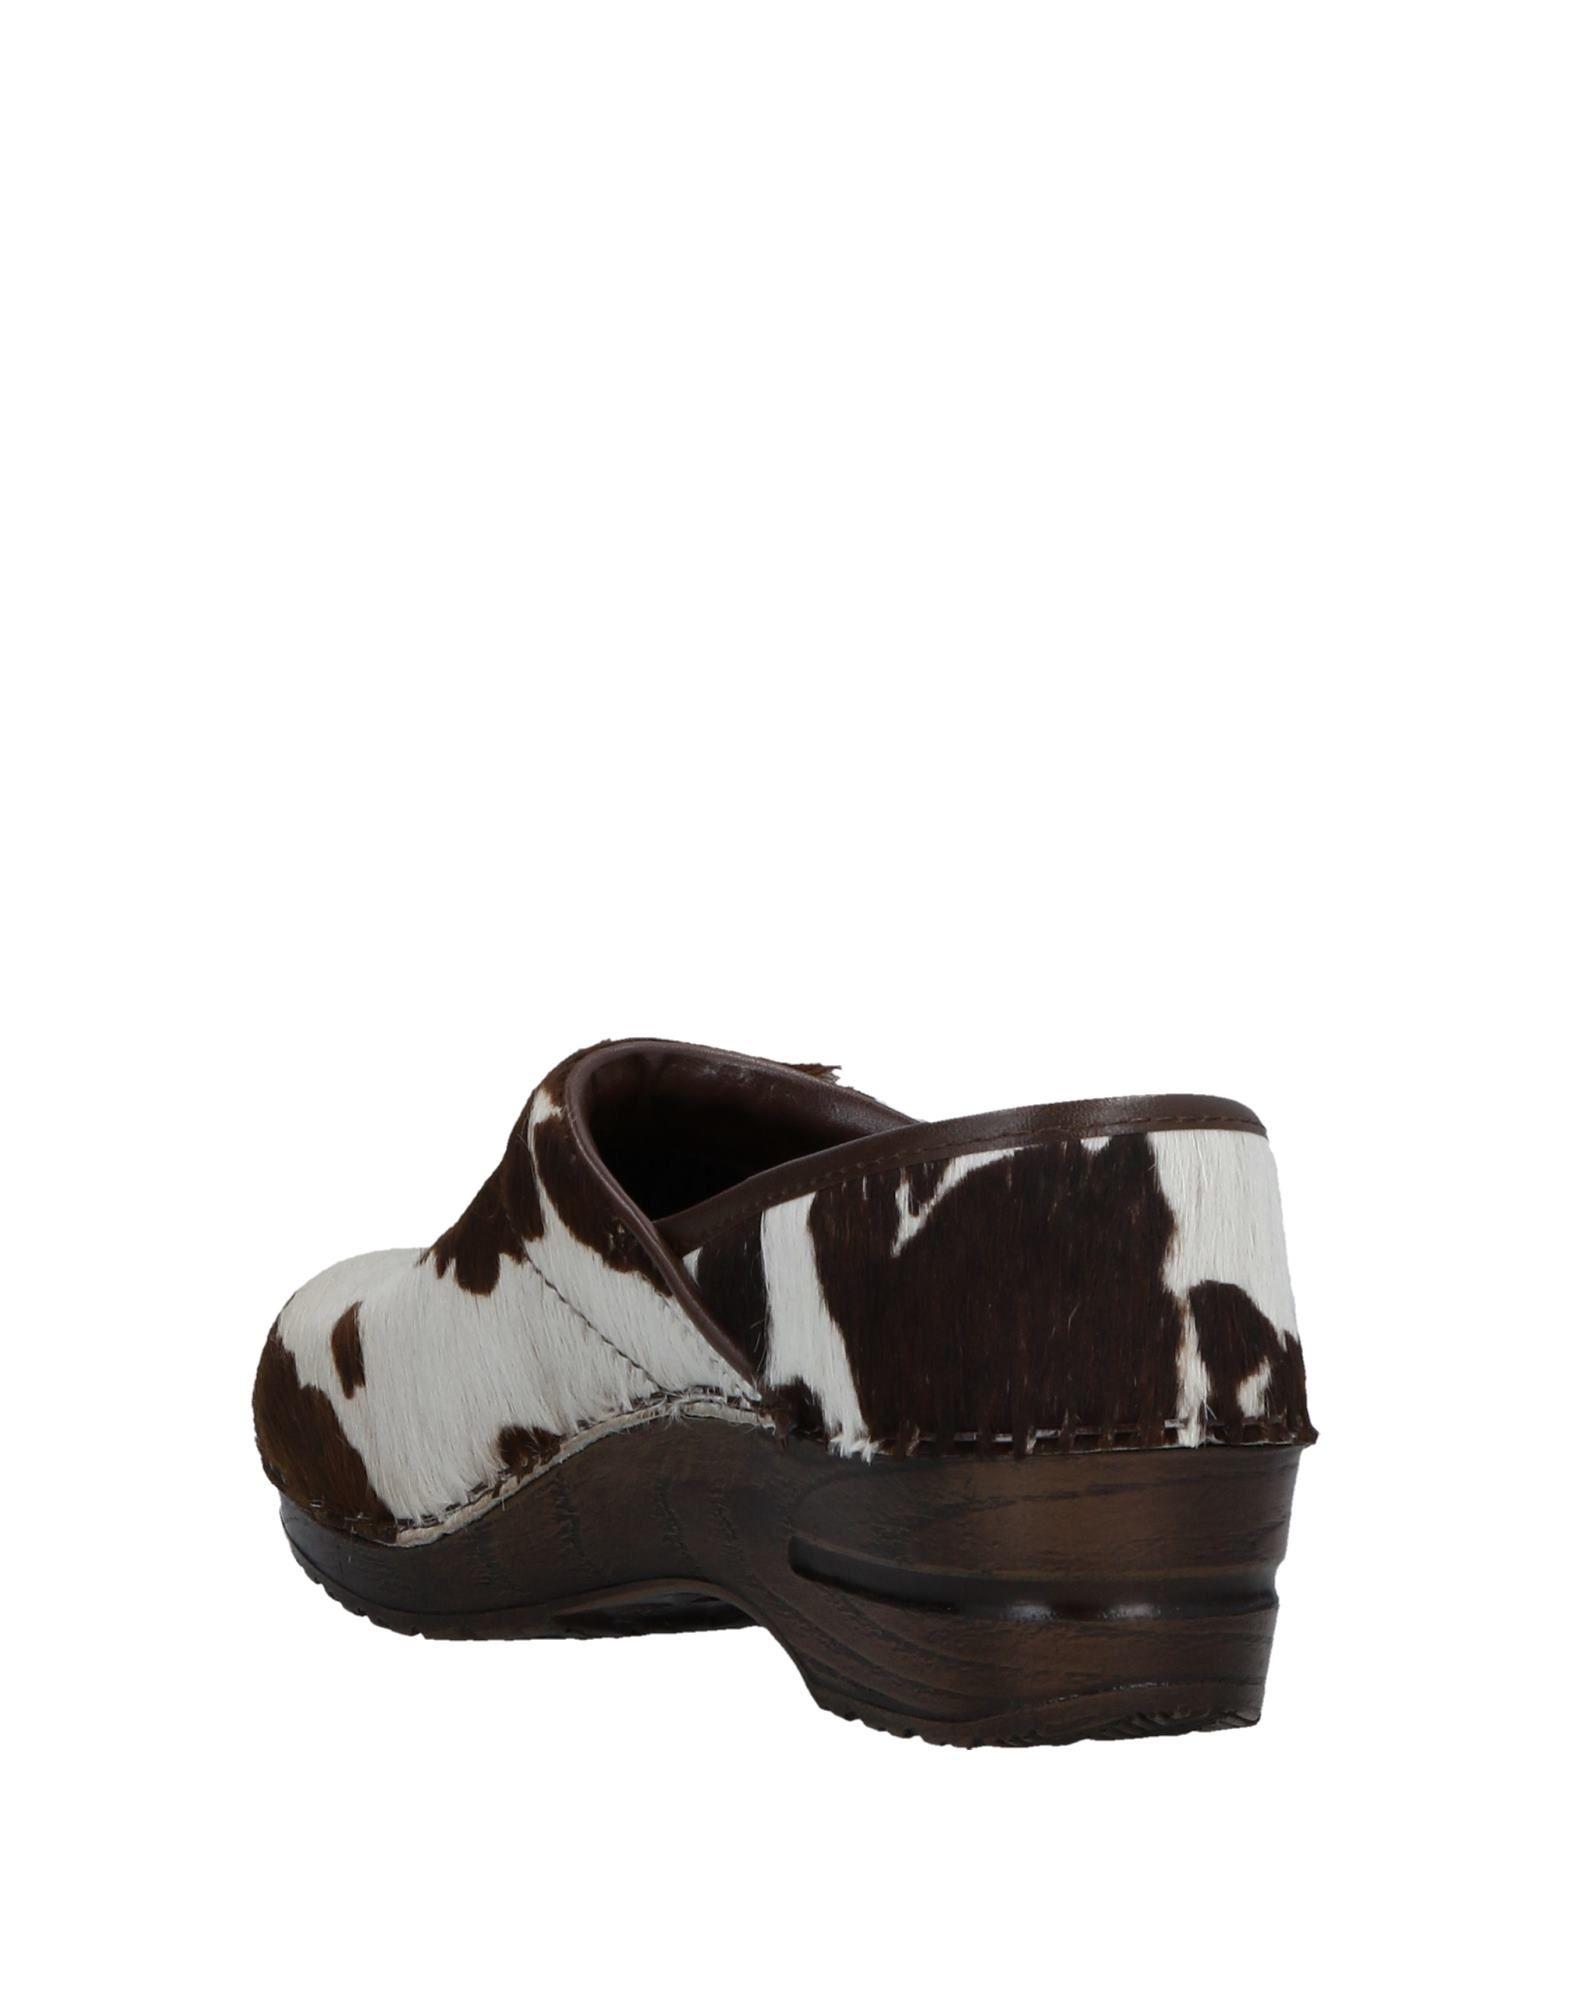 Sanita Pantoletten Qualität Damen  11521755PD Gute Qualität Pantoletten beliebte Schuhe 2d1a6e